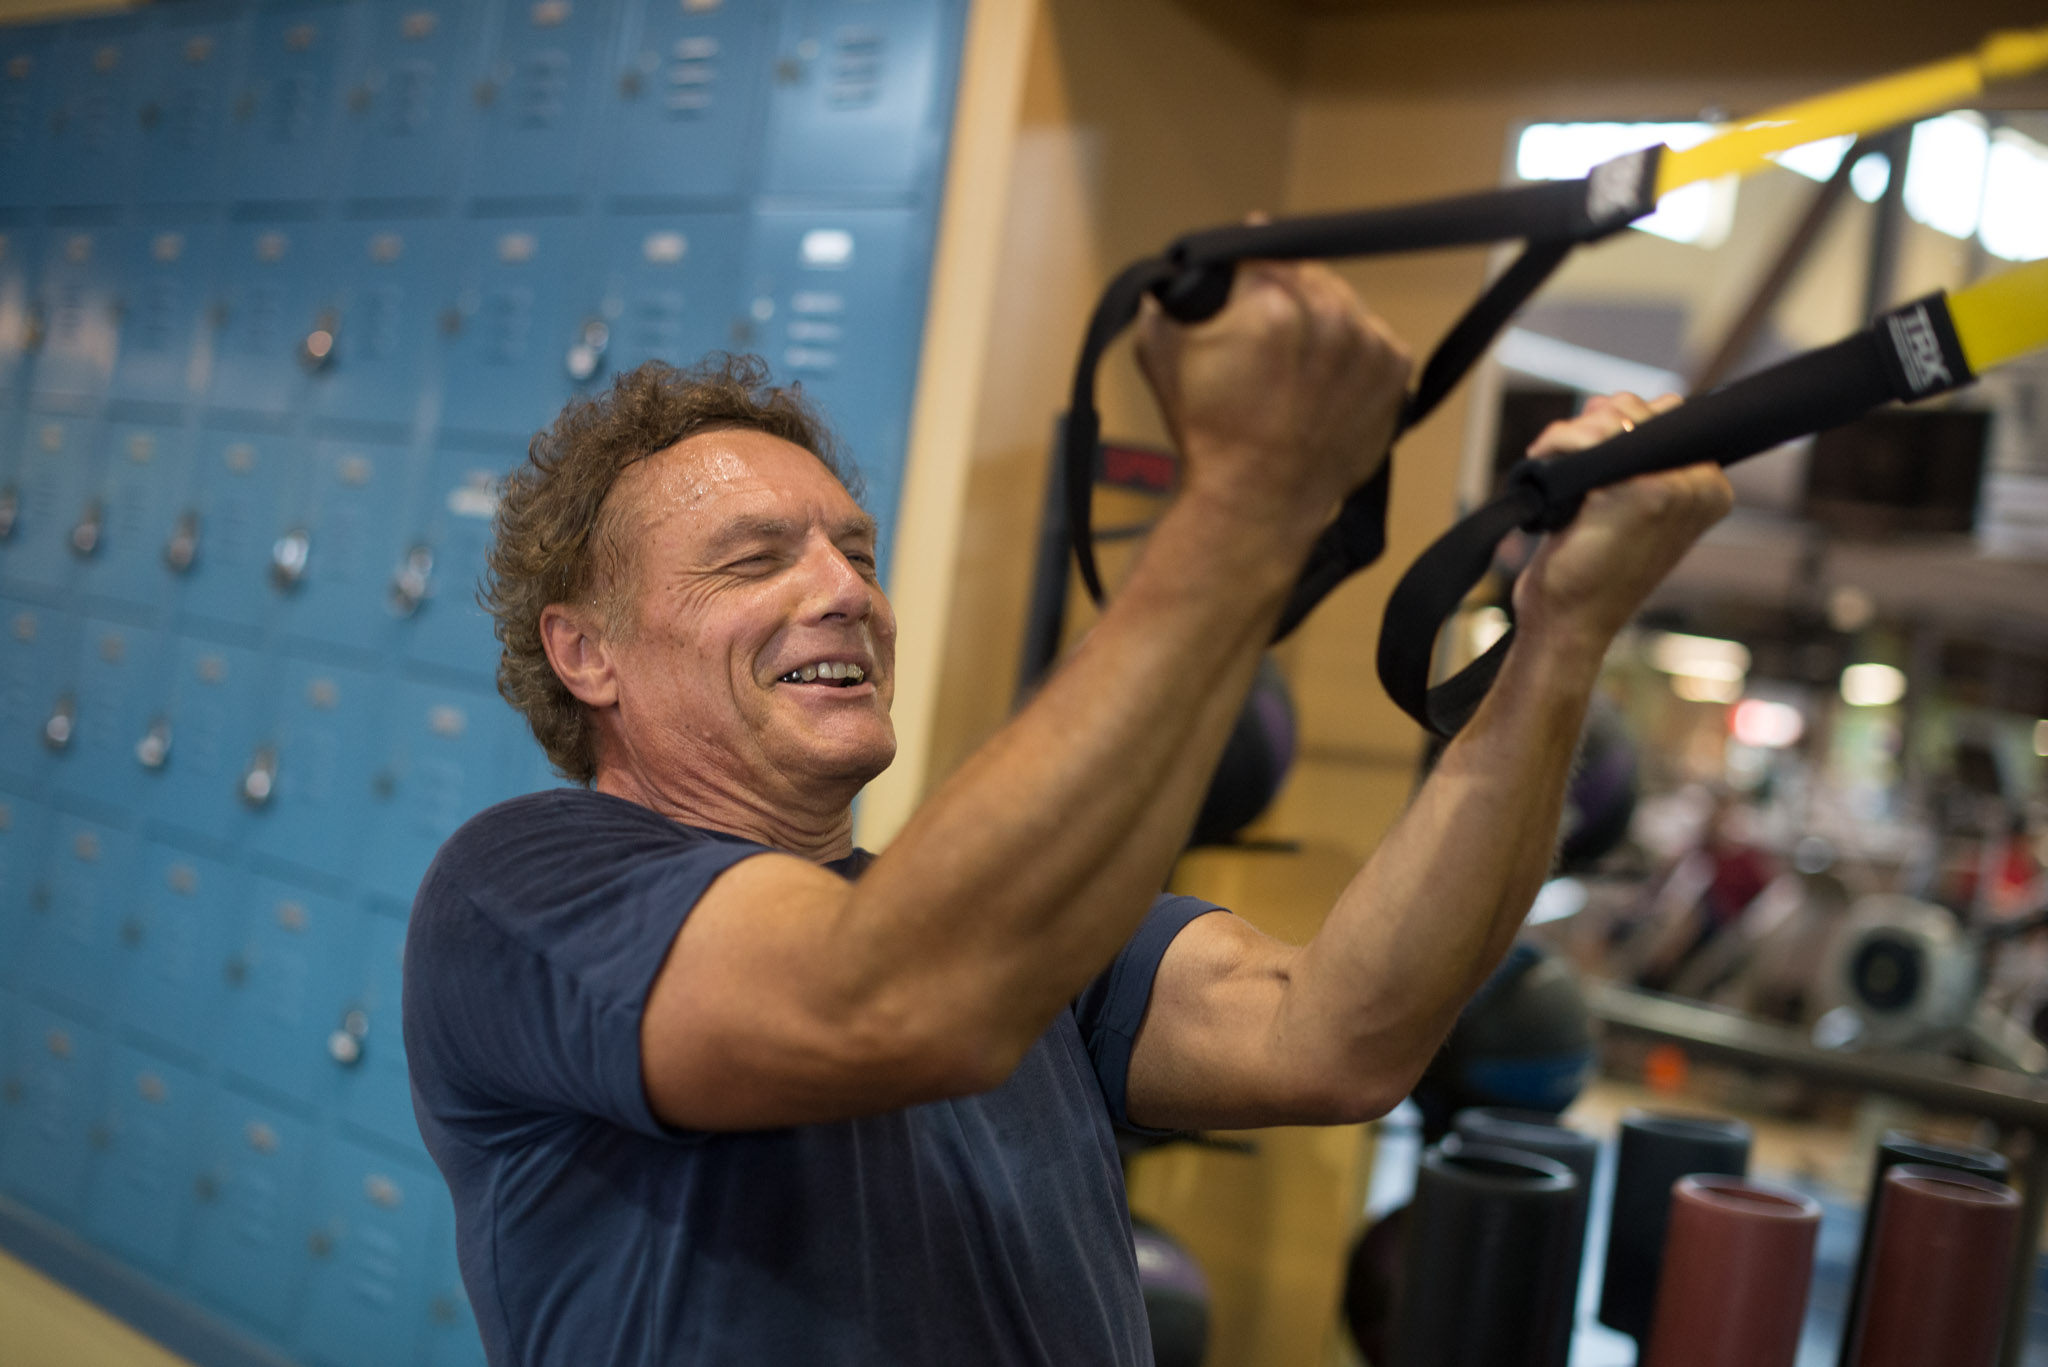 Wellness Center Stock Photos-1116.jpg